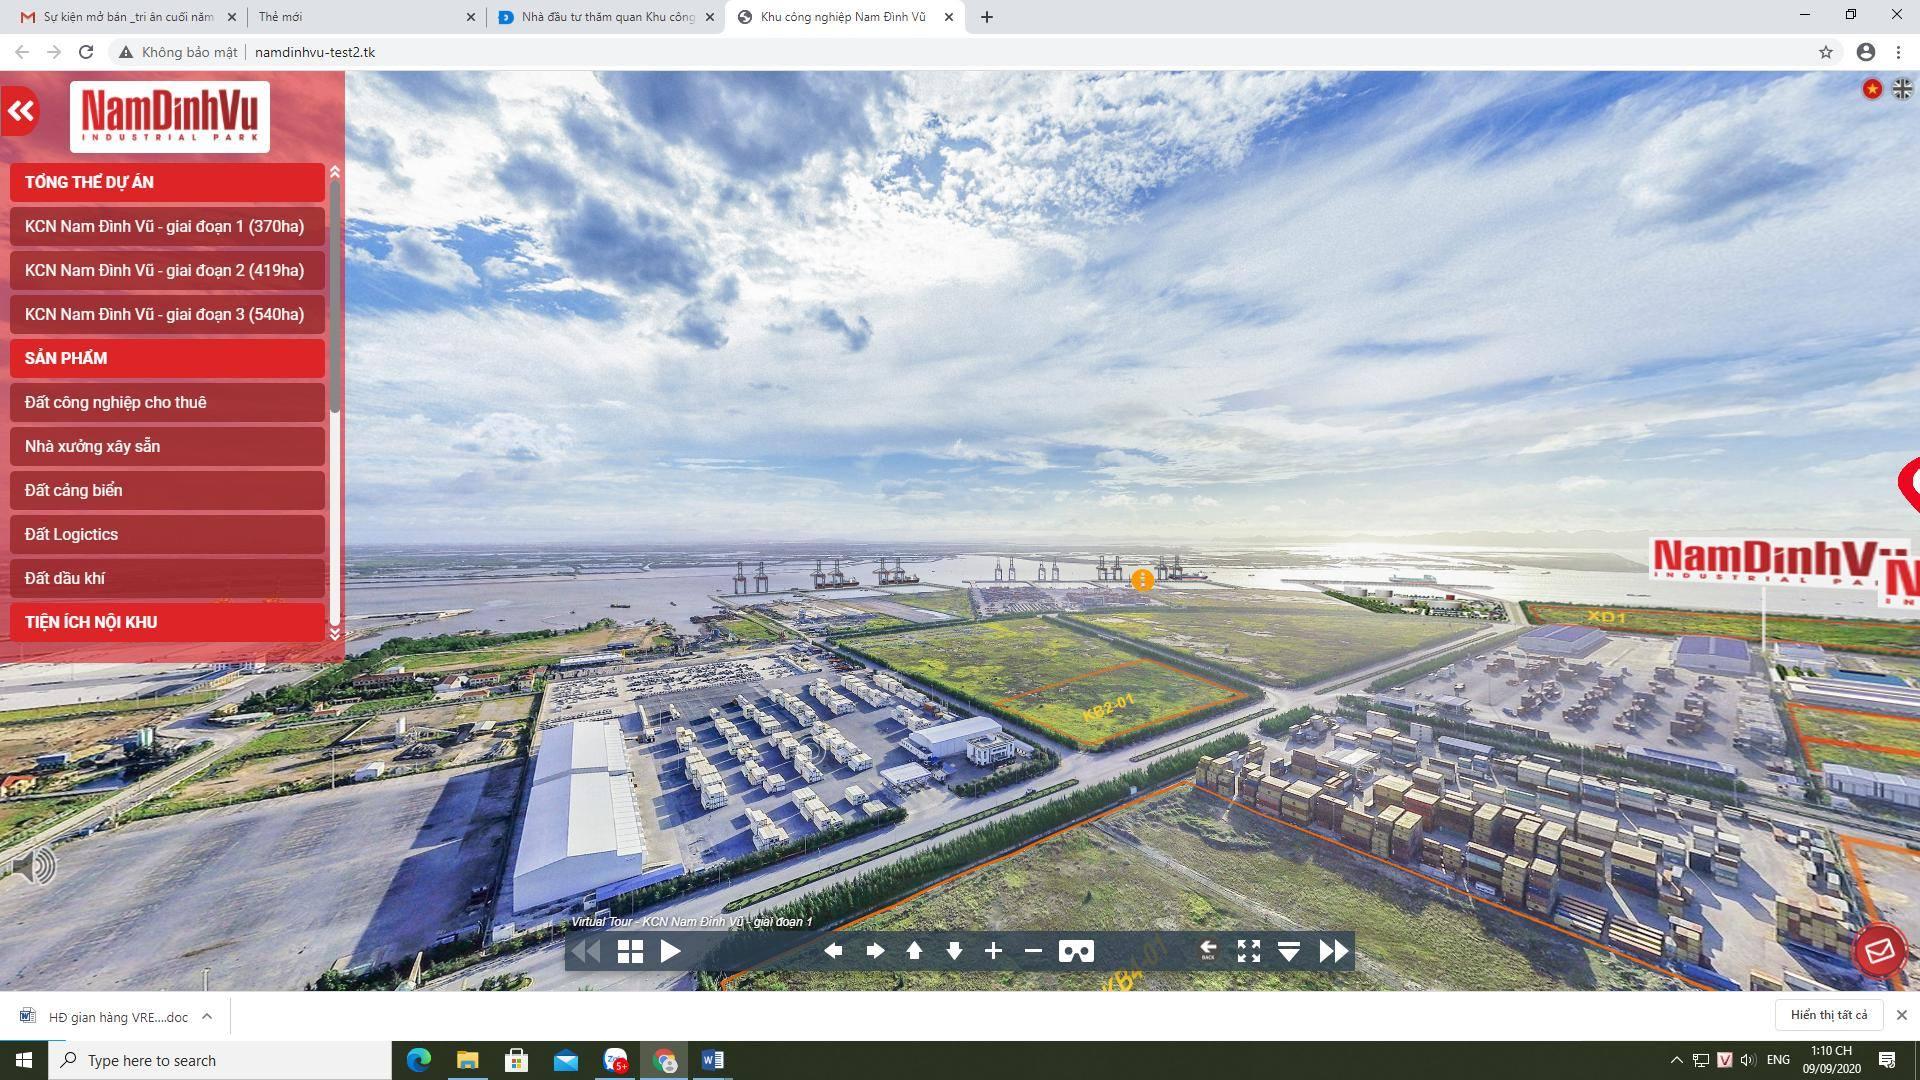 Công nghệ thực tế ảo giúp nhà đầu tư có thể thăm quan Khu công nghiệp Nam Đình Vũ từ bất cứ đâu